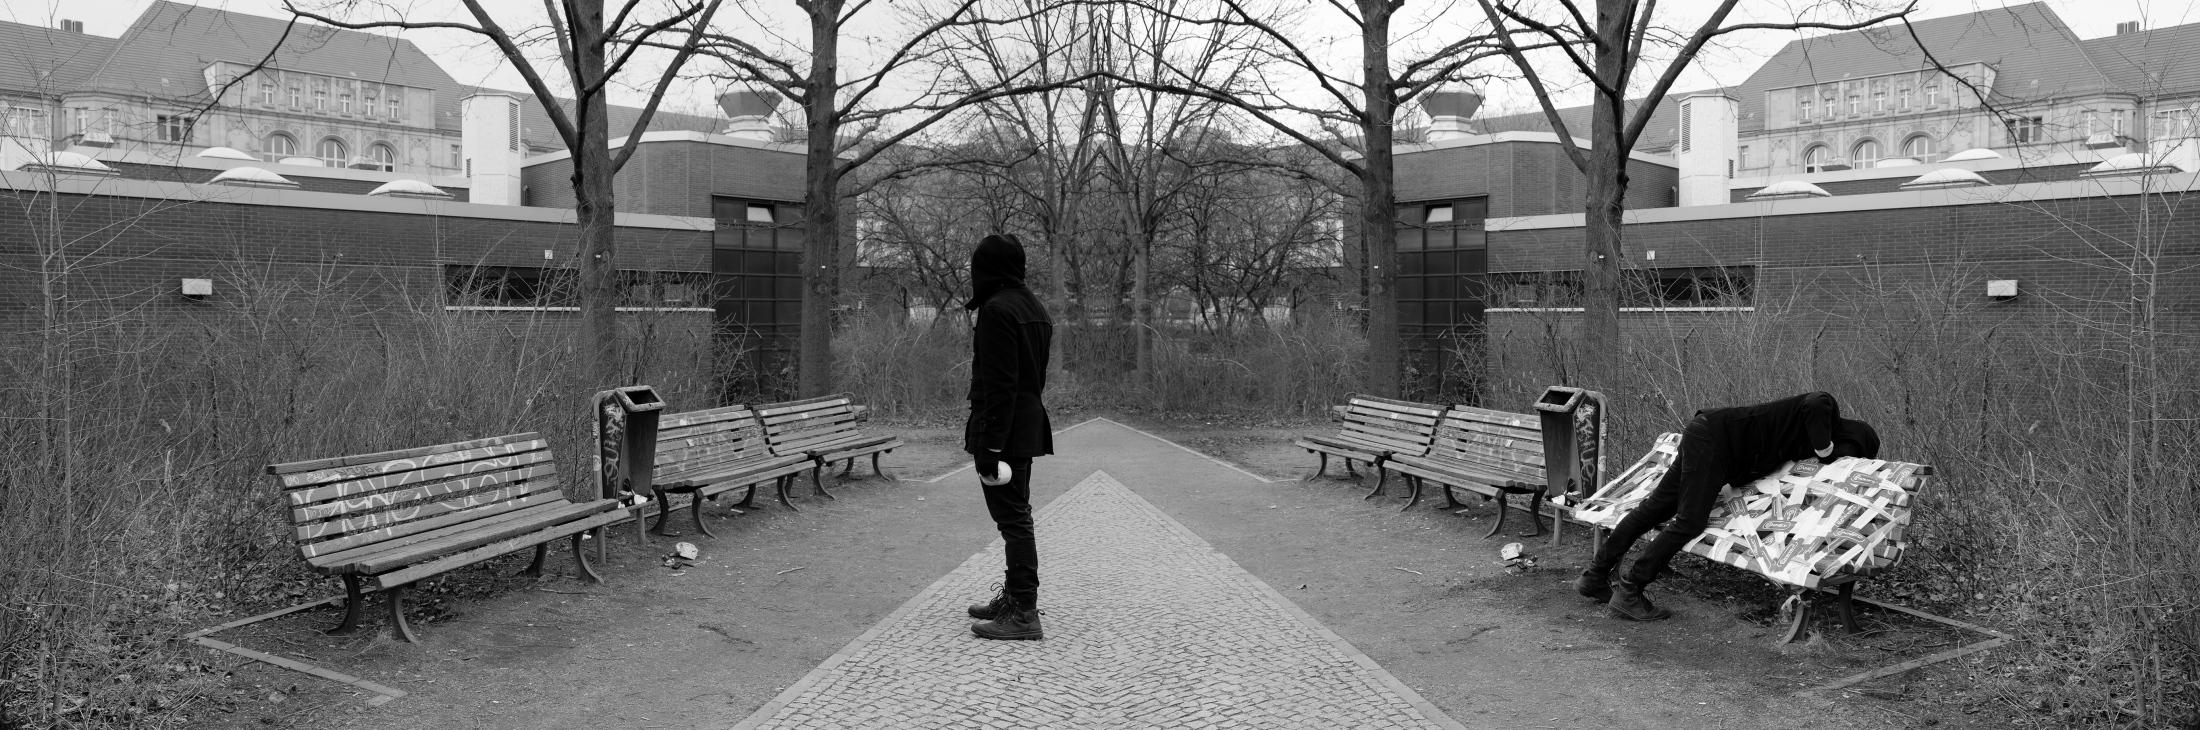 dead end, Berlin, 2018